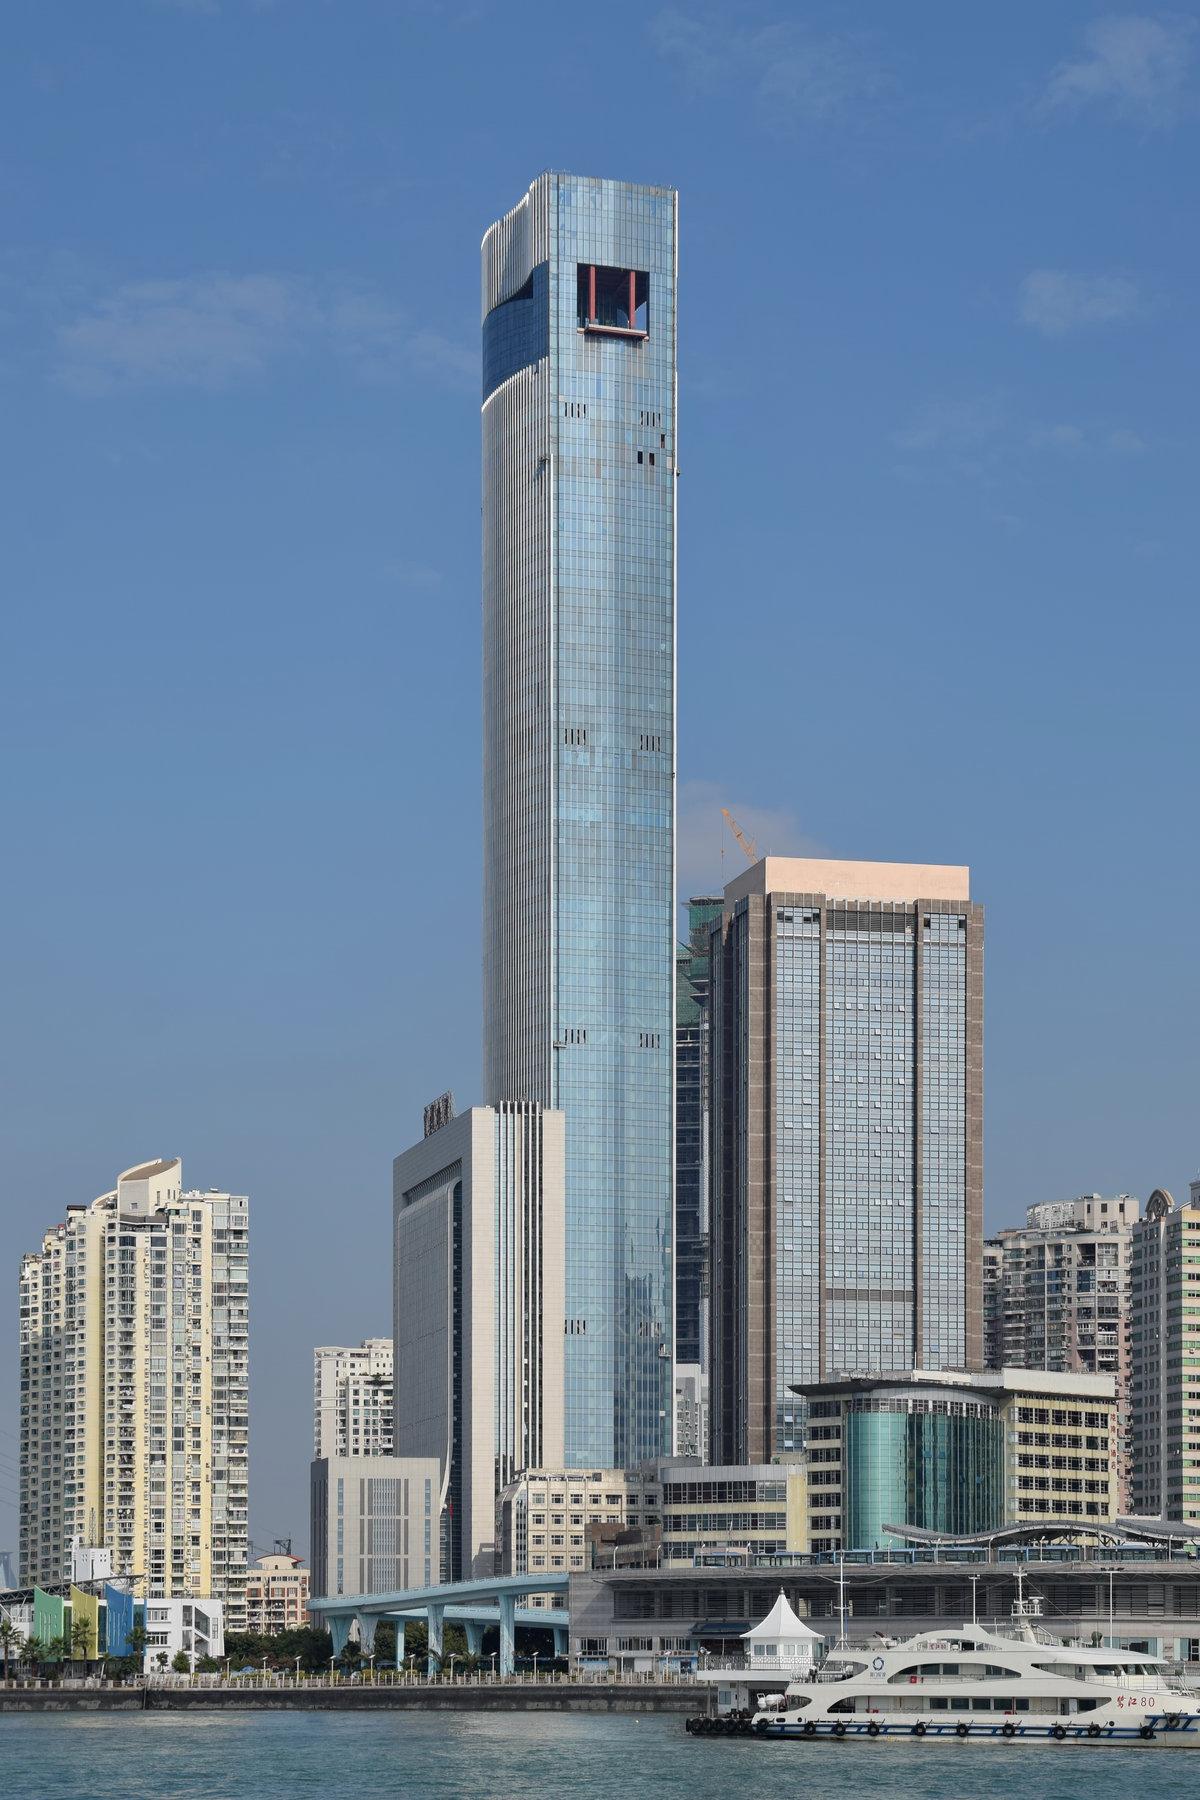 Xiamen ITG Group Corp., Ltd., Xiamen, China